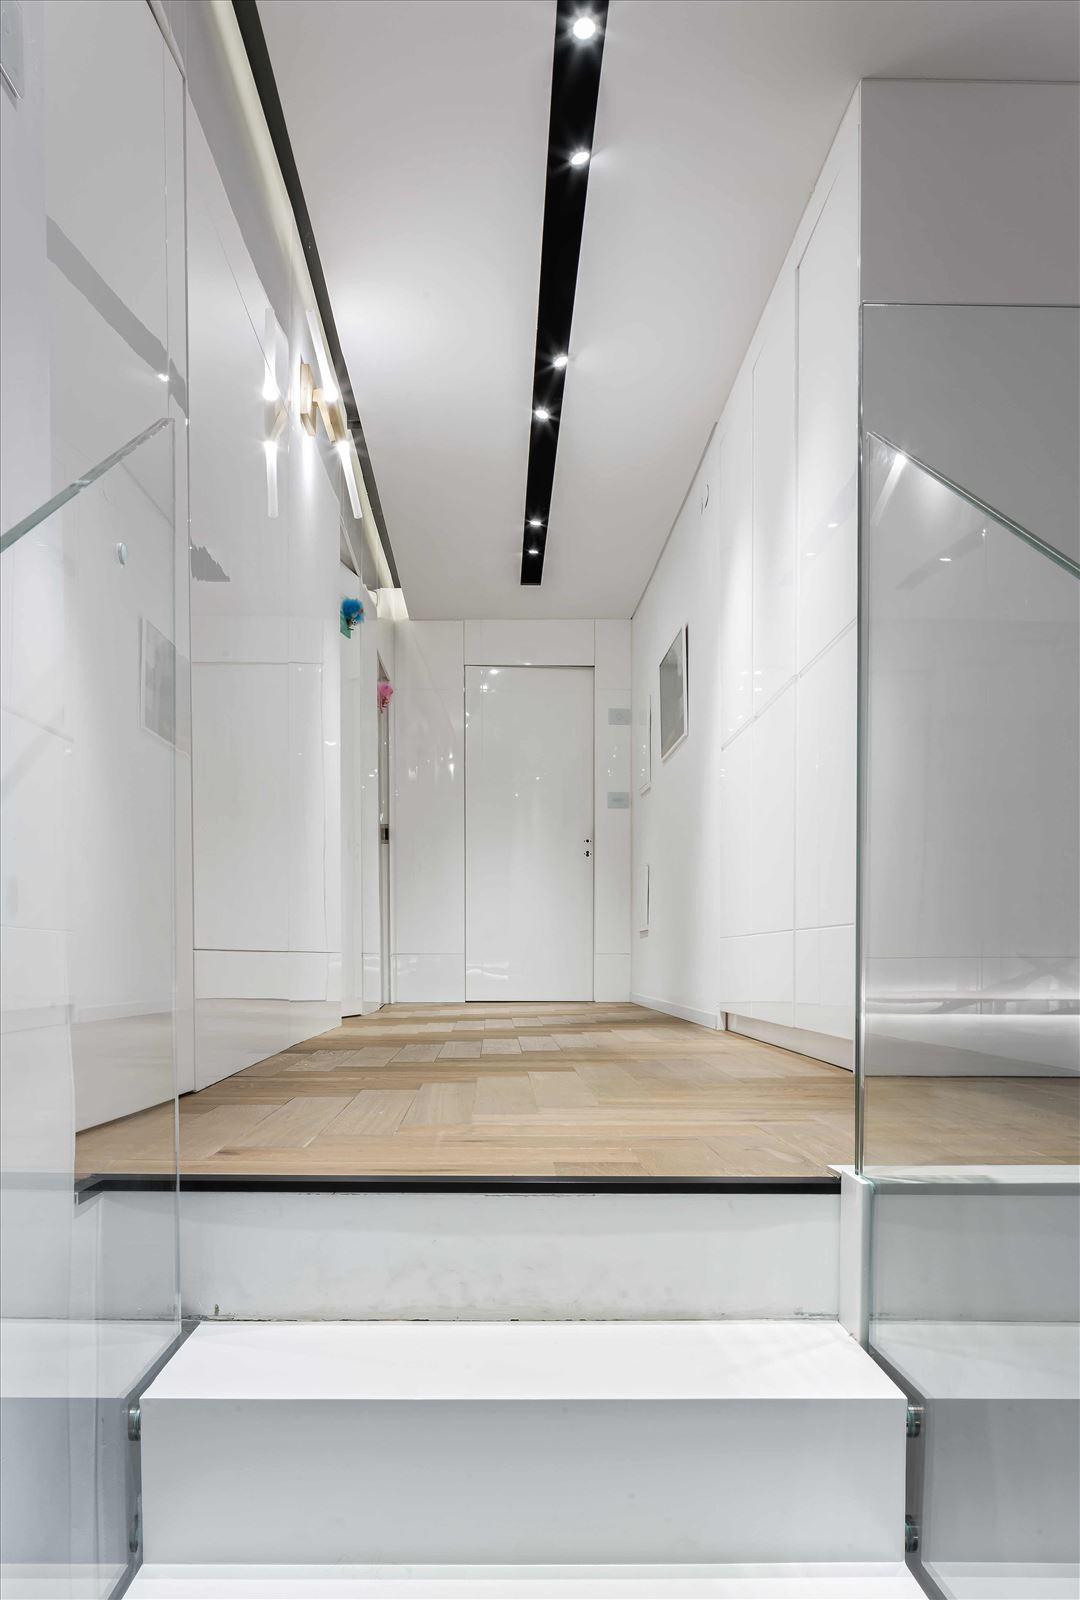 תאורת תקרה בפרויקט תאורה בבית פרטי על ידי דורי קמחי